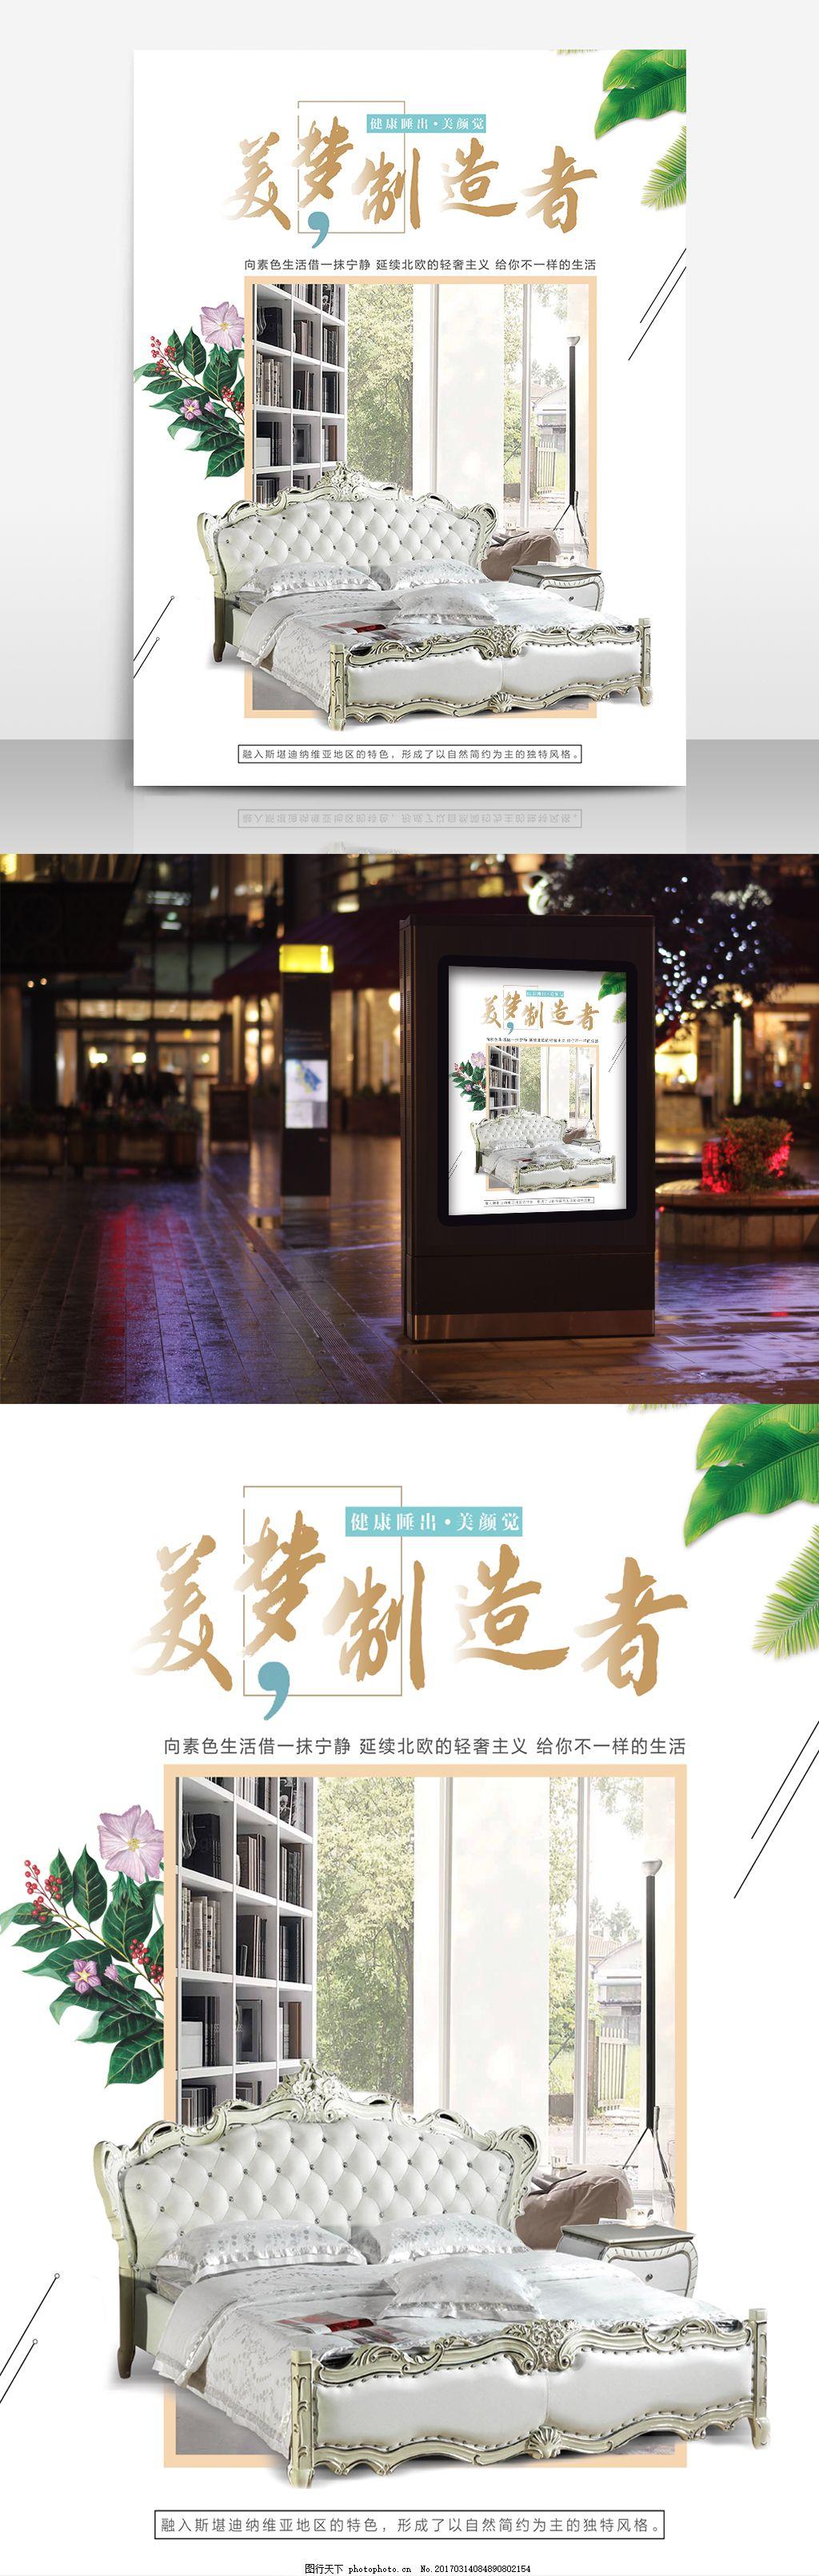 家具海报 创意简单大方 美梦制造者 手绘花朵 芭蕉叶 北欧风格